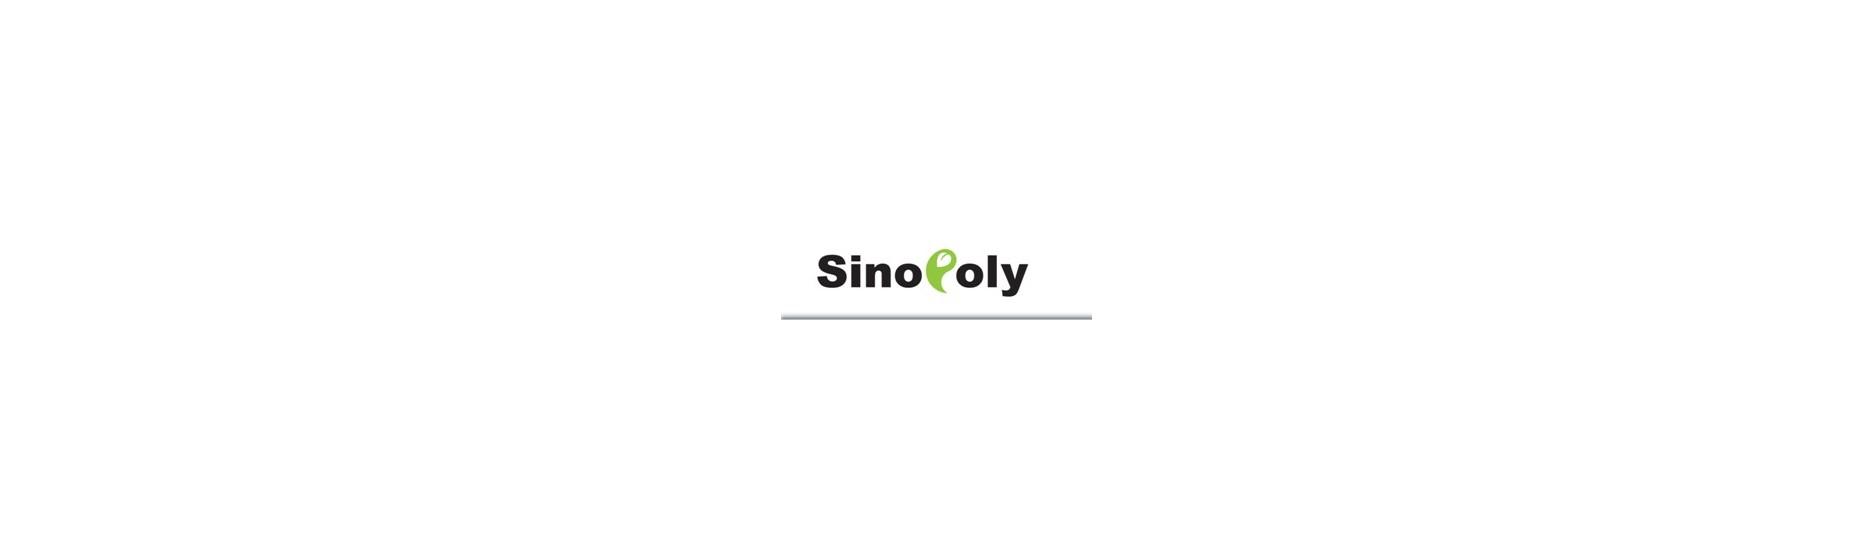 sinopoly lifepo lifeypo články baterie